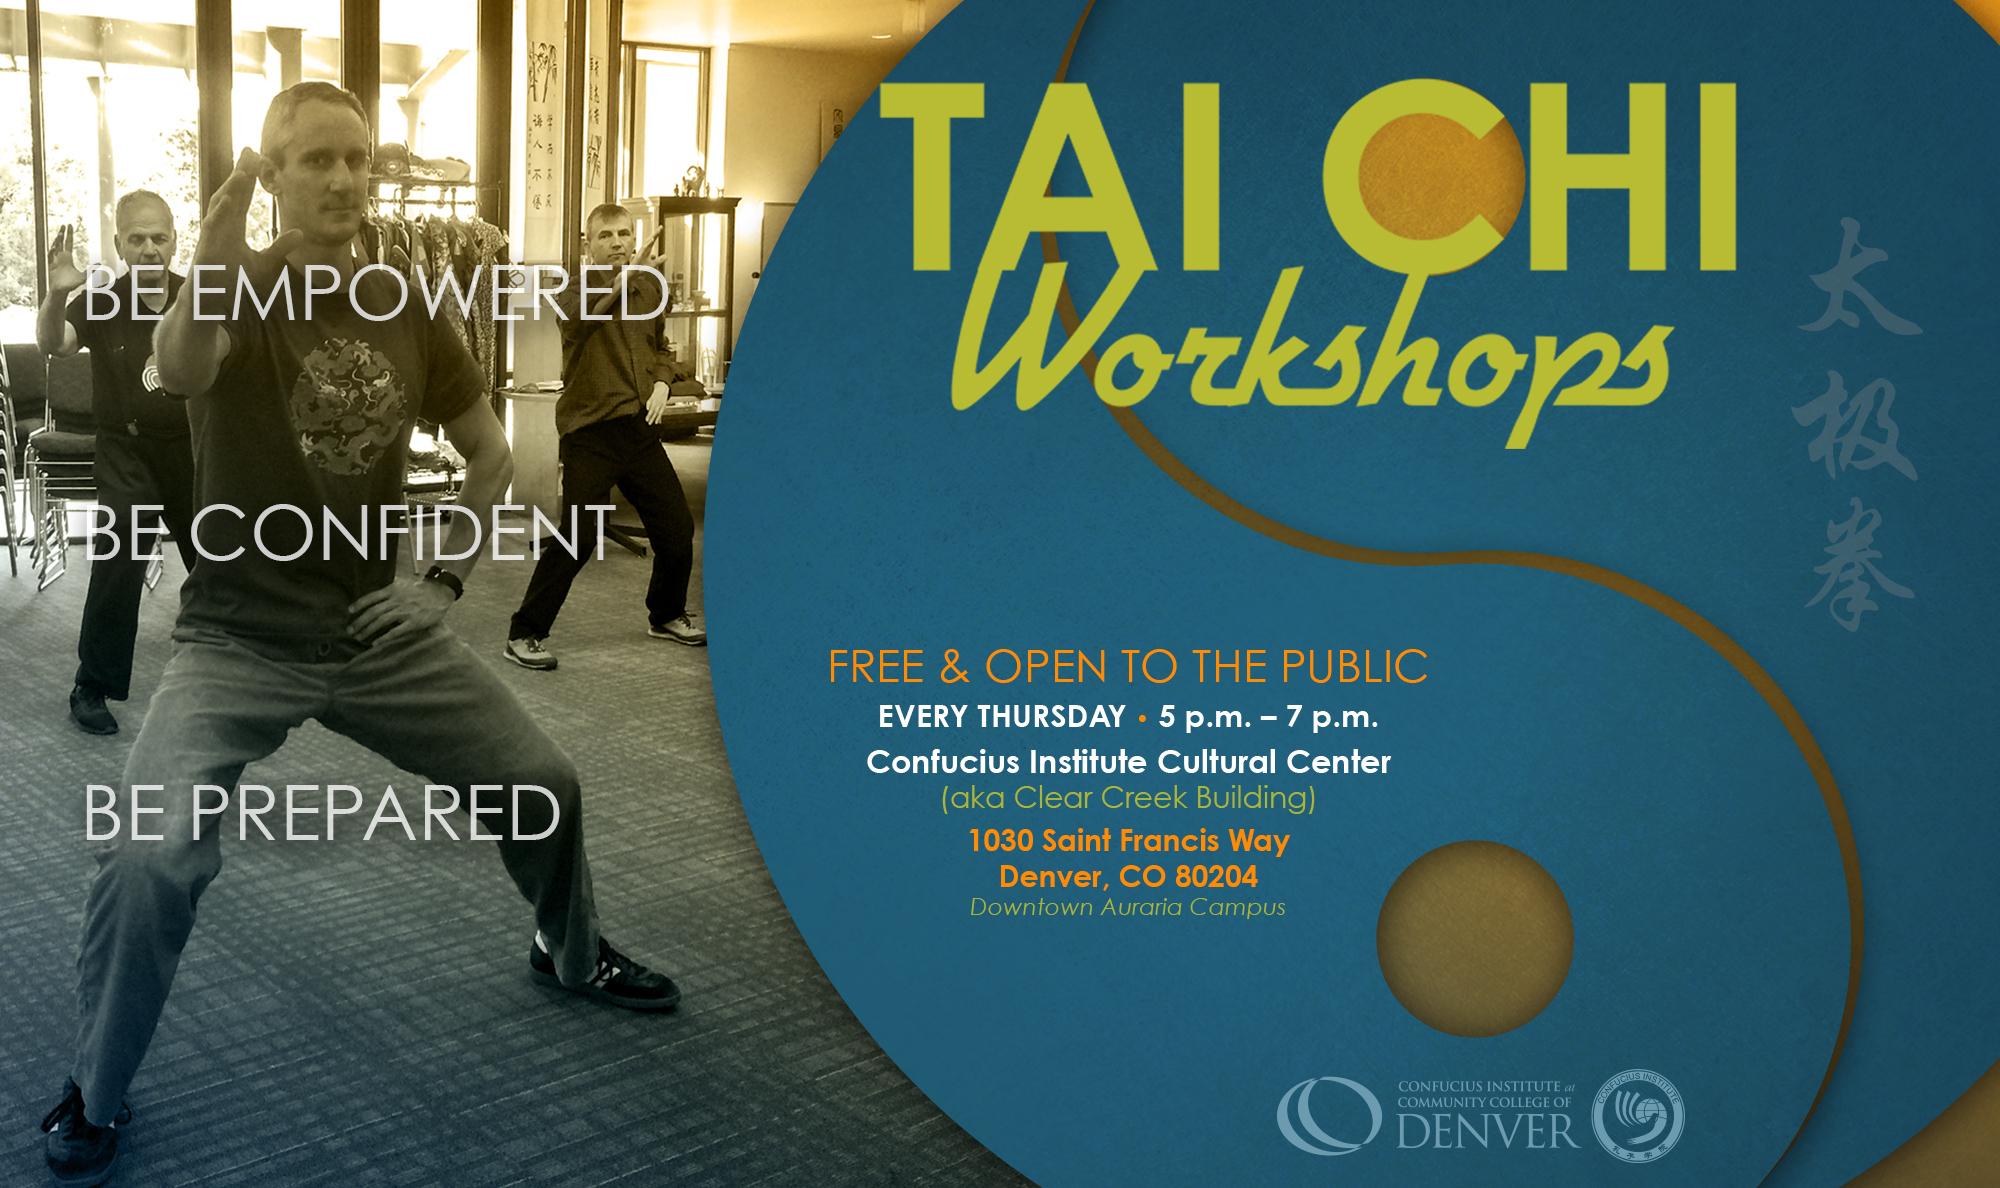 man doing Tai Chi, workshop poster